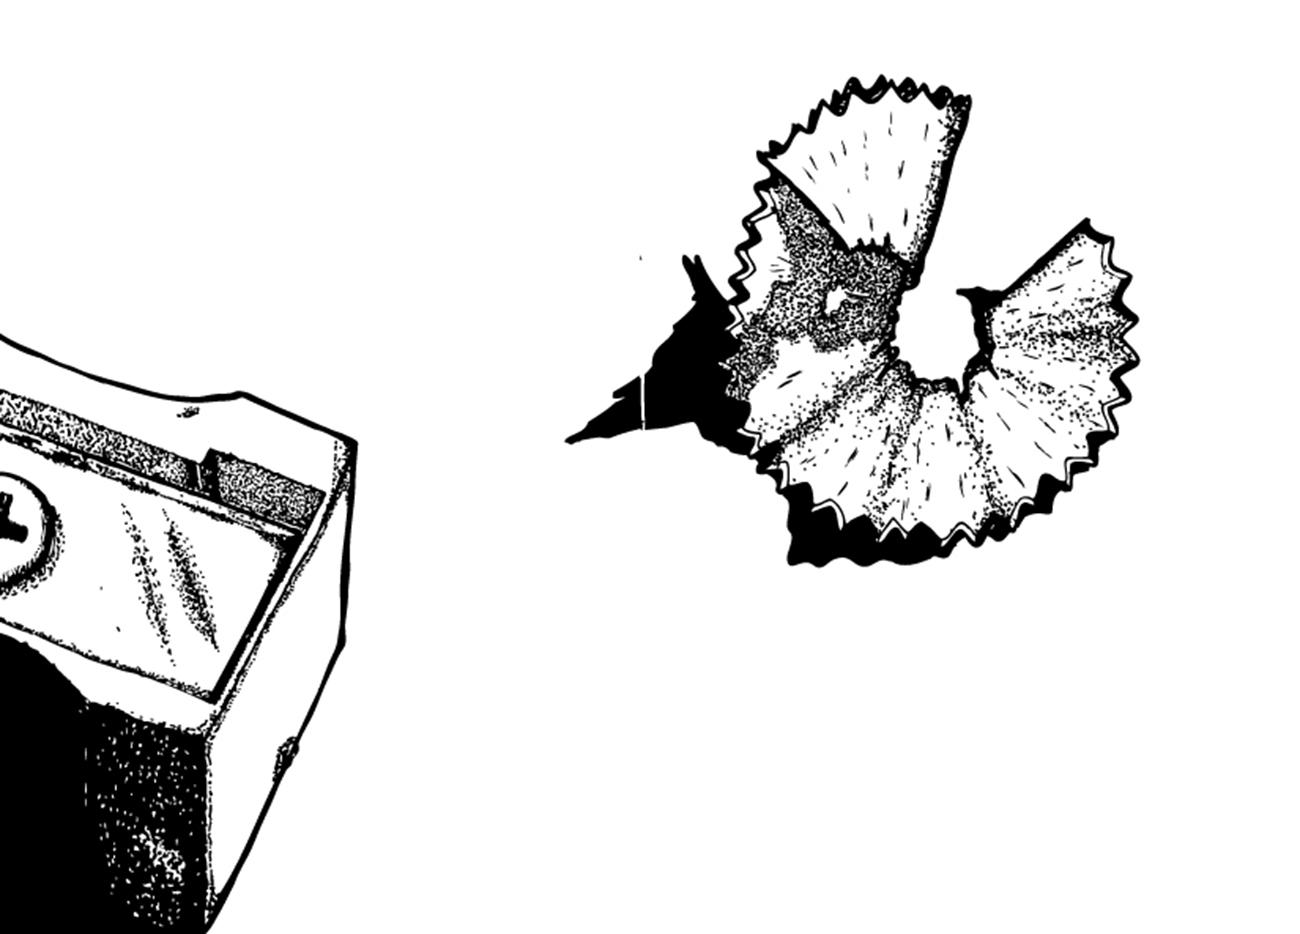 sharpener-sketch